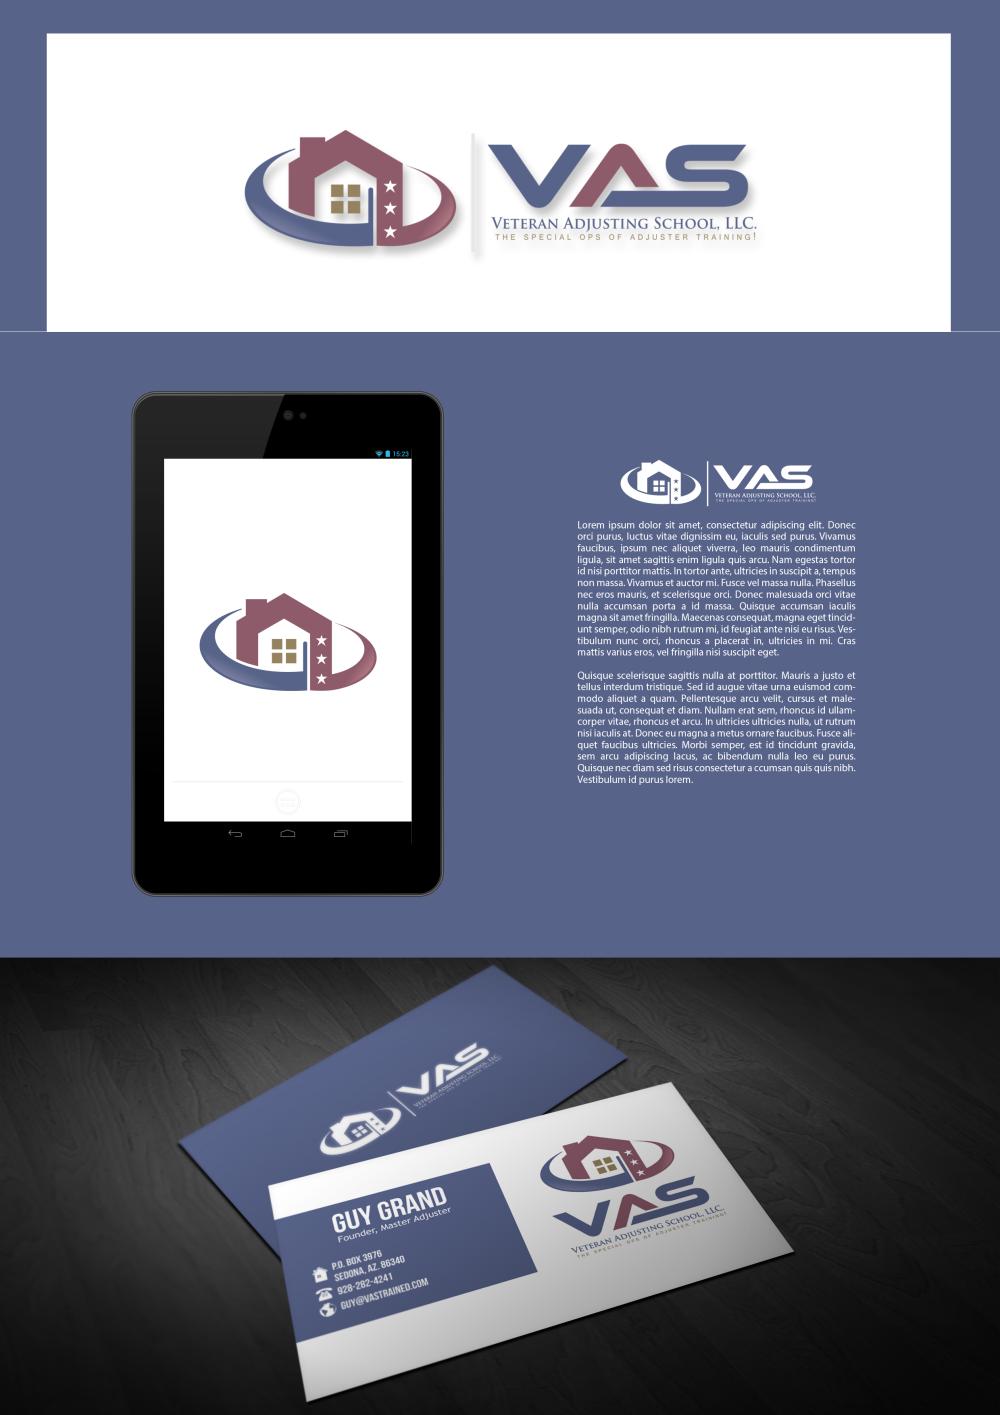 Design a Winning Logo for Veteran Adjusting School!